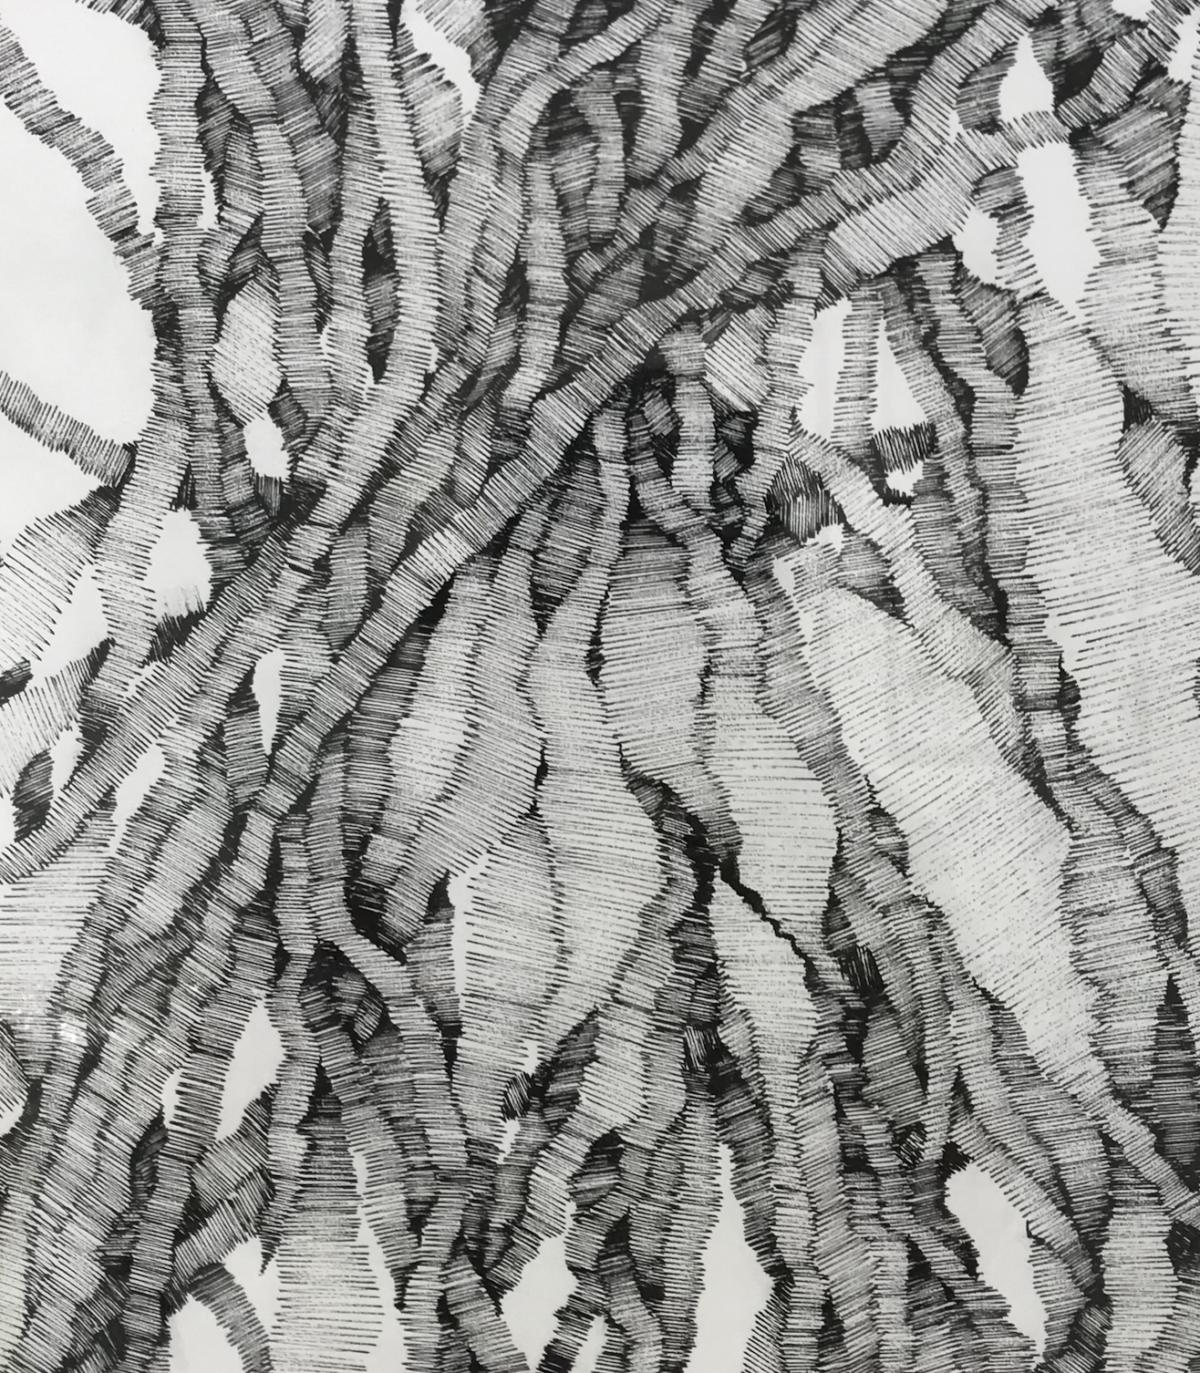 """Naym BEN AMARA, """"Condensation de champ de possibles"""" #2, 2019-20. Encre sur papier, 49x38,5 cm.Detail."""